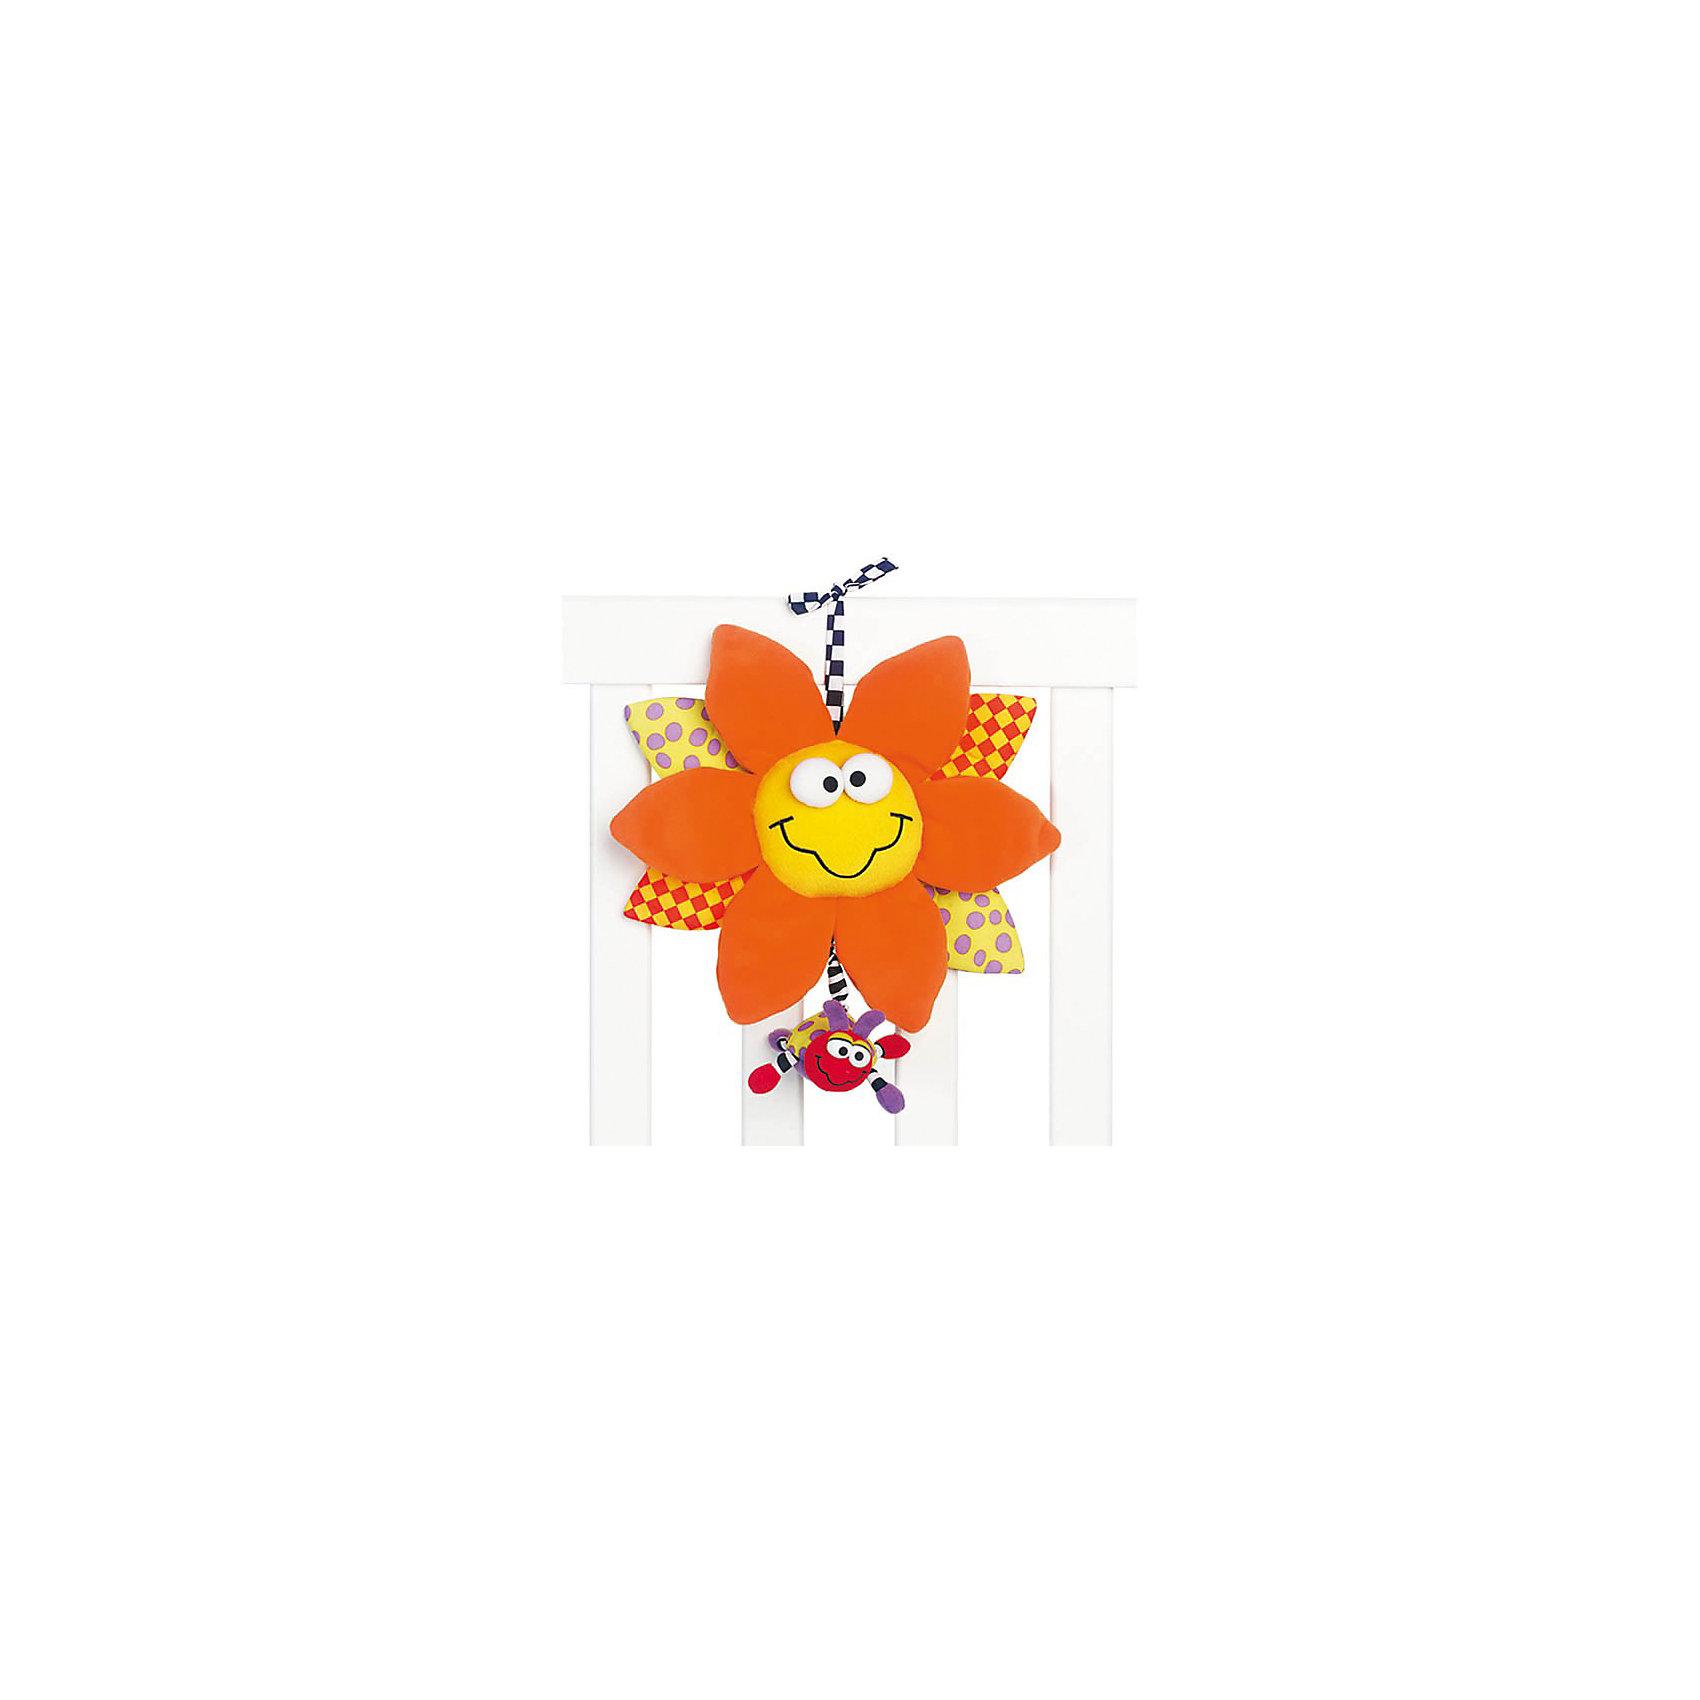 Мягкая игрушка-подвеска, PlaygroПодвески<br>Мягкая игрушка-подвеска Playgro (Плейгро) со световым и звуковым эффектами станет верным другом для Вашего малыша. Игрушка представляет собой улыбающийся цветочек с яркими лепестками. Верхние лепестки оранжевого цвета изготовлены из приятной на ощупь плюшевой ткани, остальные – из гладкого текстиля. Если потянуть за божью коровку, которая прикреплена к игрушке, раздастся нежная колыбельная мелодия и замигают яркие огоньки, а божья коровка будет медленно возвращаться в исходное положение. Кроме того, малышу будет интересно изучать объемные элементы – глазки и большие лепестки. Музыкальную подвеску можно прикрепить к кроватке, коляске или манежу, при помощи специальной текстильной завязки. <br>Эта подвеска идеальная первая игрушка - она откроет ребенку мир звуков и цветового восприятия: оттенки желтого, которые присутствуют у цветка, самыми первыми распознаются ребенком. А маленькая божья коровка разовьёт хватательный рефлекс. Изготовлена из гипоаллергенных и безопасных материалов.<br><br>Дополнительная информация:<br><br>- Для детей с рождения<br>- Размеры: 25 х 28 см.<br>- Материал: текстиль<br>- Длительность звучания мелодии: 10 минут<br>- На всем протяжении звучания музыки горит подсветка<br>- Батарейки: 3х 1,5V типа LR44 (в комплекте демонстрационные)<br><br>Мягкую игрушку-подвеску, Playgro (Плейгро) можно купить в нашем интернет-магазине.<br><br>Ширина мм: 240<br>Глубина мм: 240<br>Высота мм: 240<br>Вес г: 290<br>Возраст от месяцев: 0<br>Возраст до месяцев: 18<br>Пол: Унисекс<br>Возраст: Детский<br>SKU: 3775853